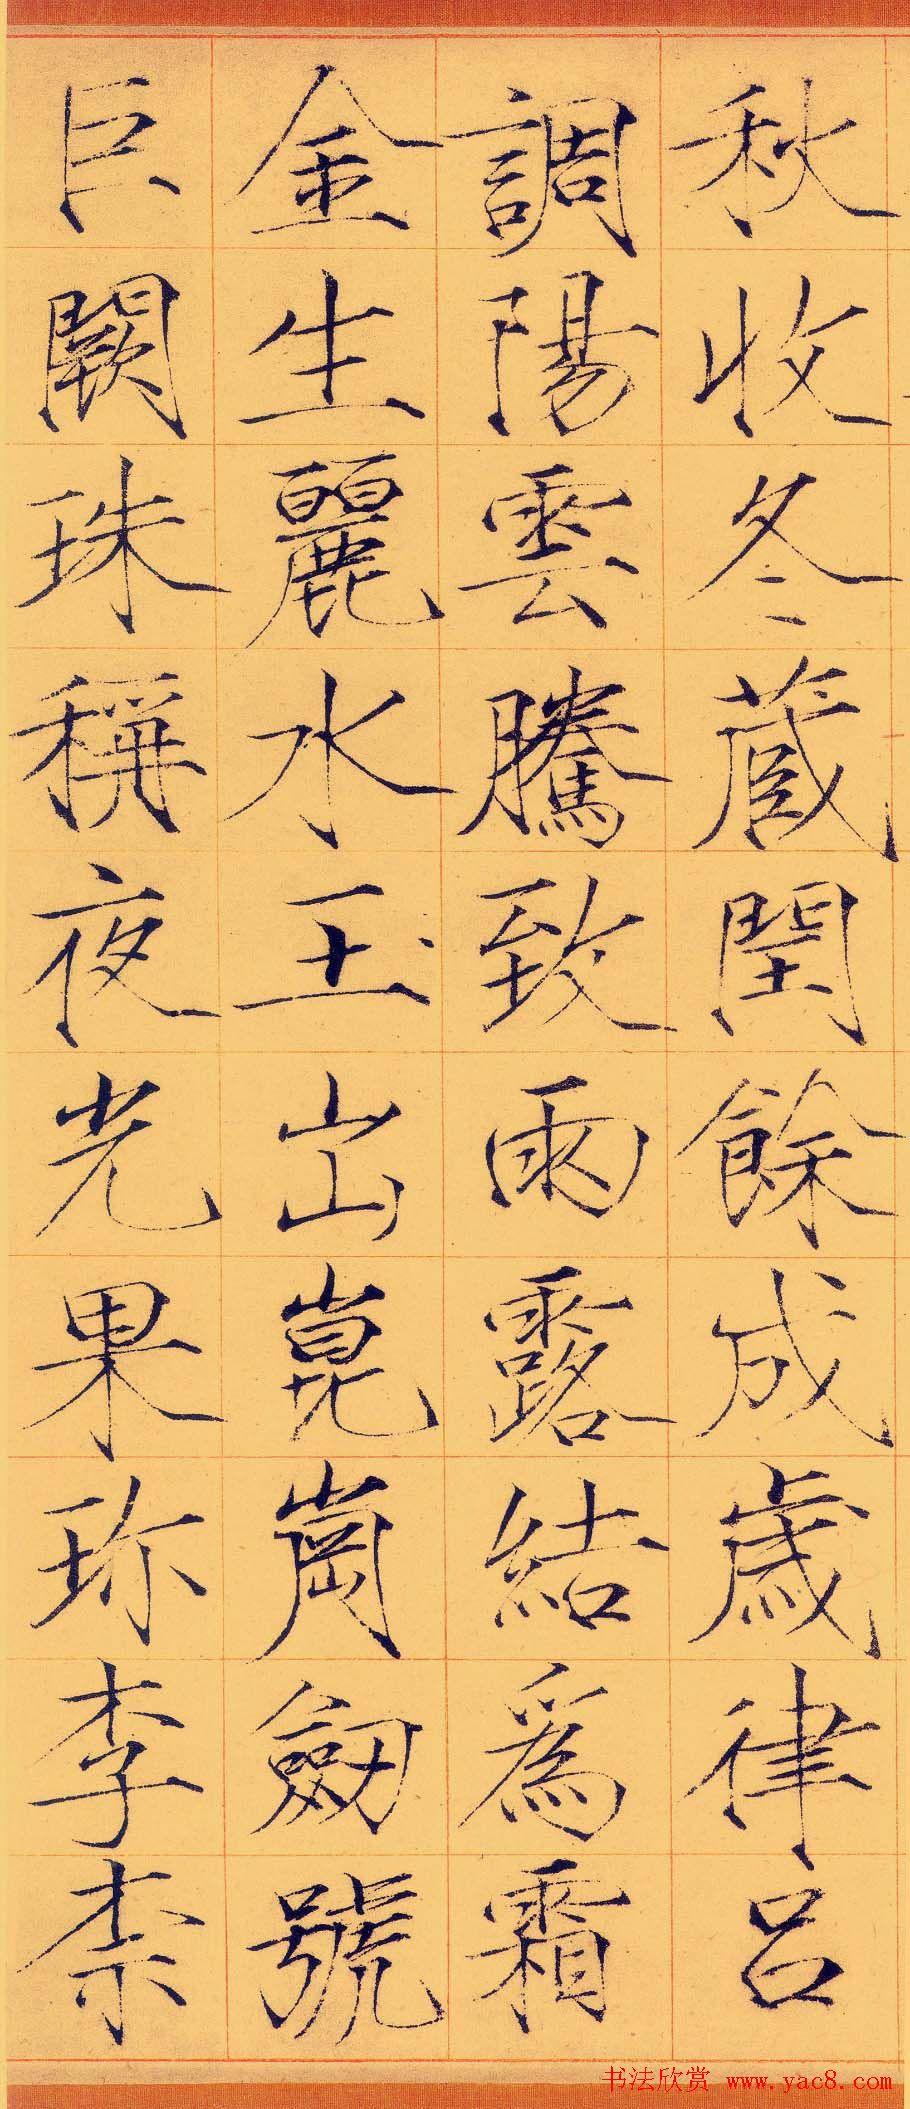 宋徽宗赵佶瘦金体书法千字文卷